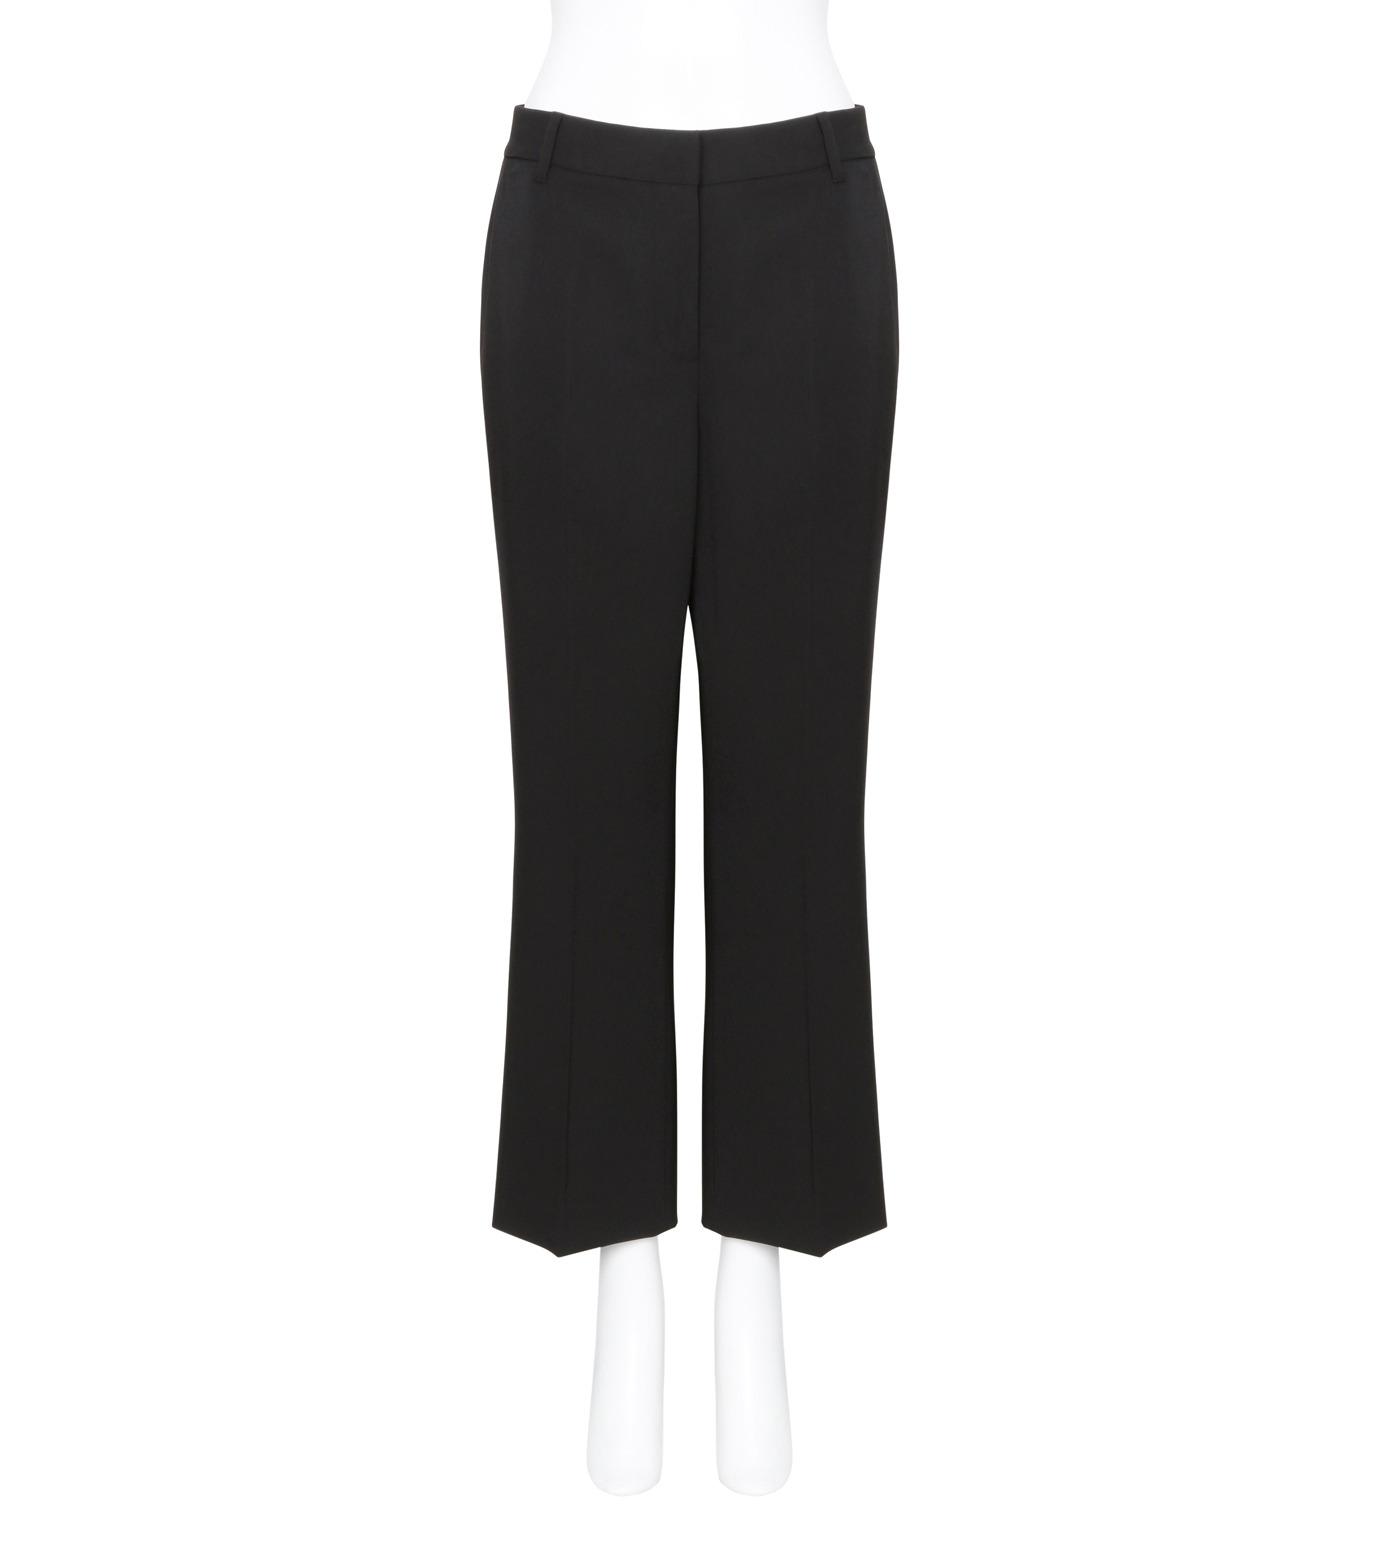 T by Alexander Wang(ティーバイ アレキサンダーワン)のFront Pleat Crop Trousers-BLACK(パンツ/pants)-403714R17-13 拡大詳細画像1